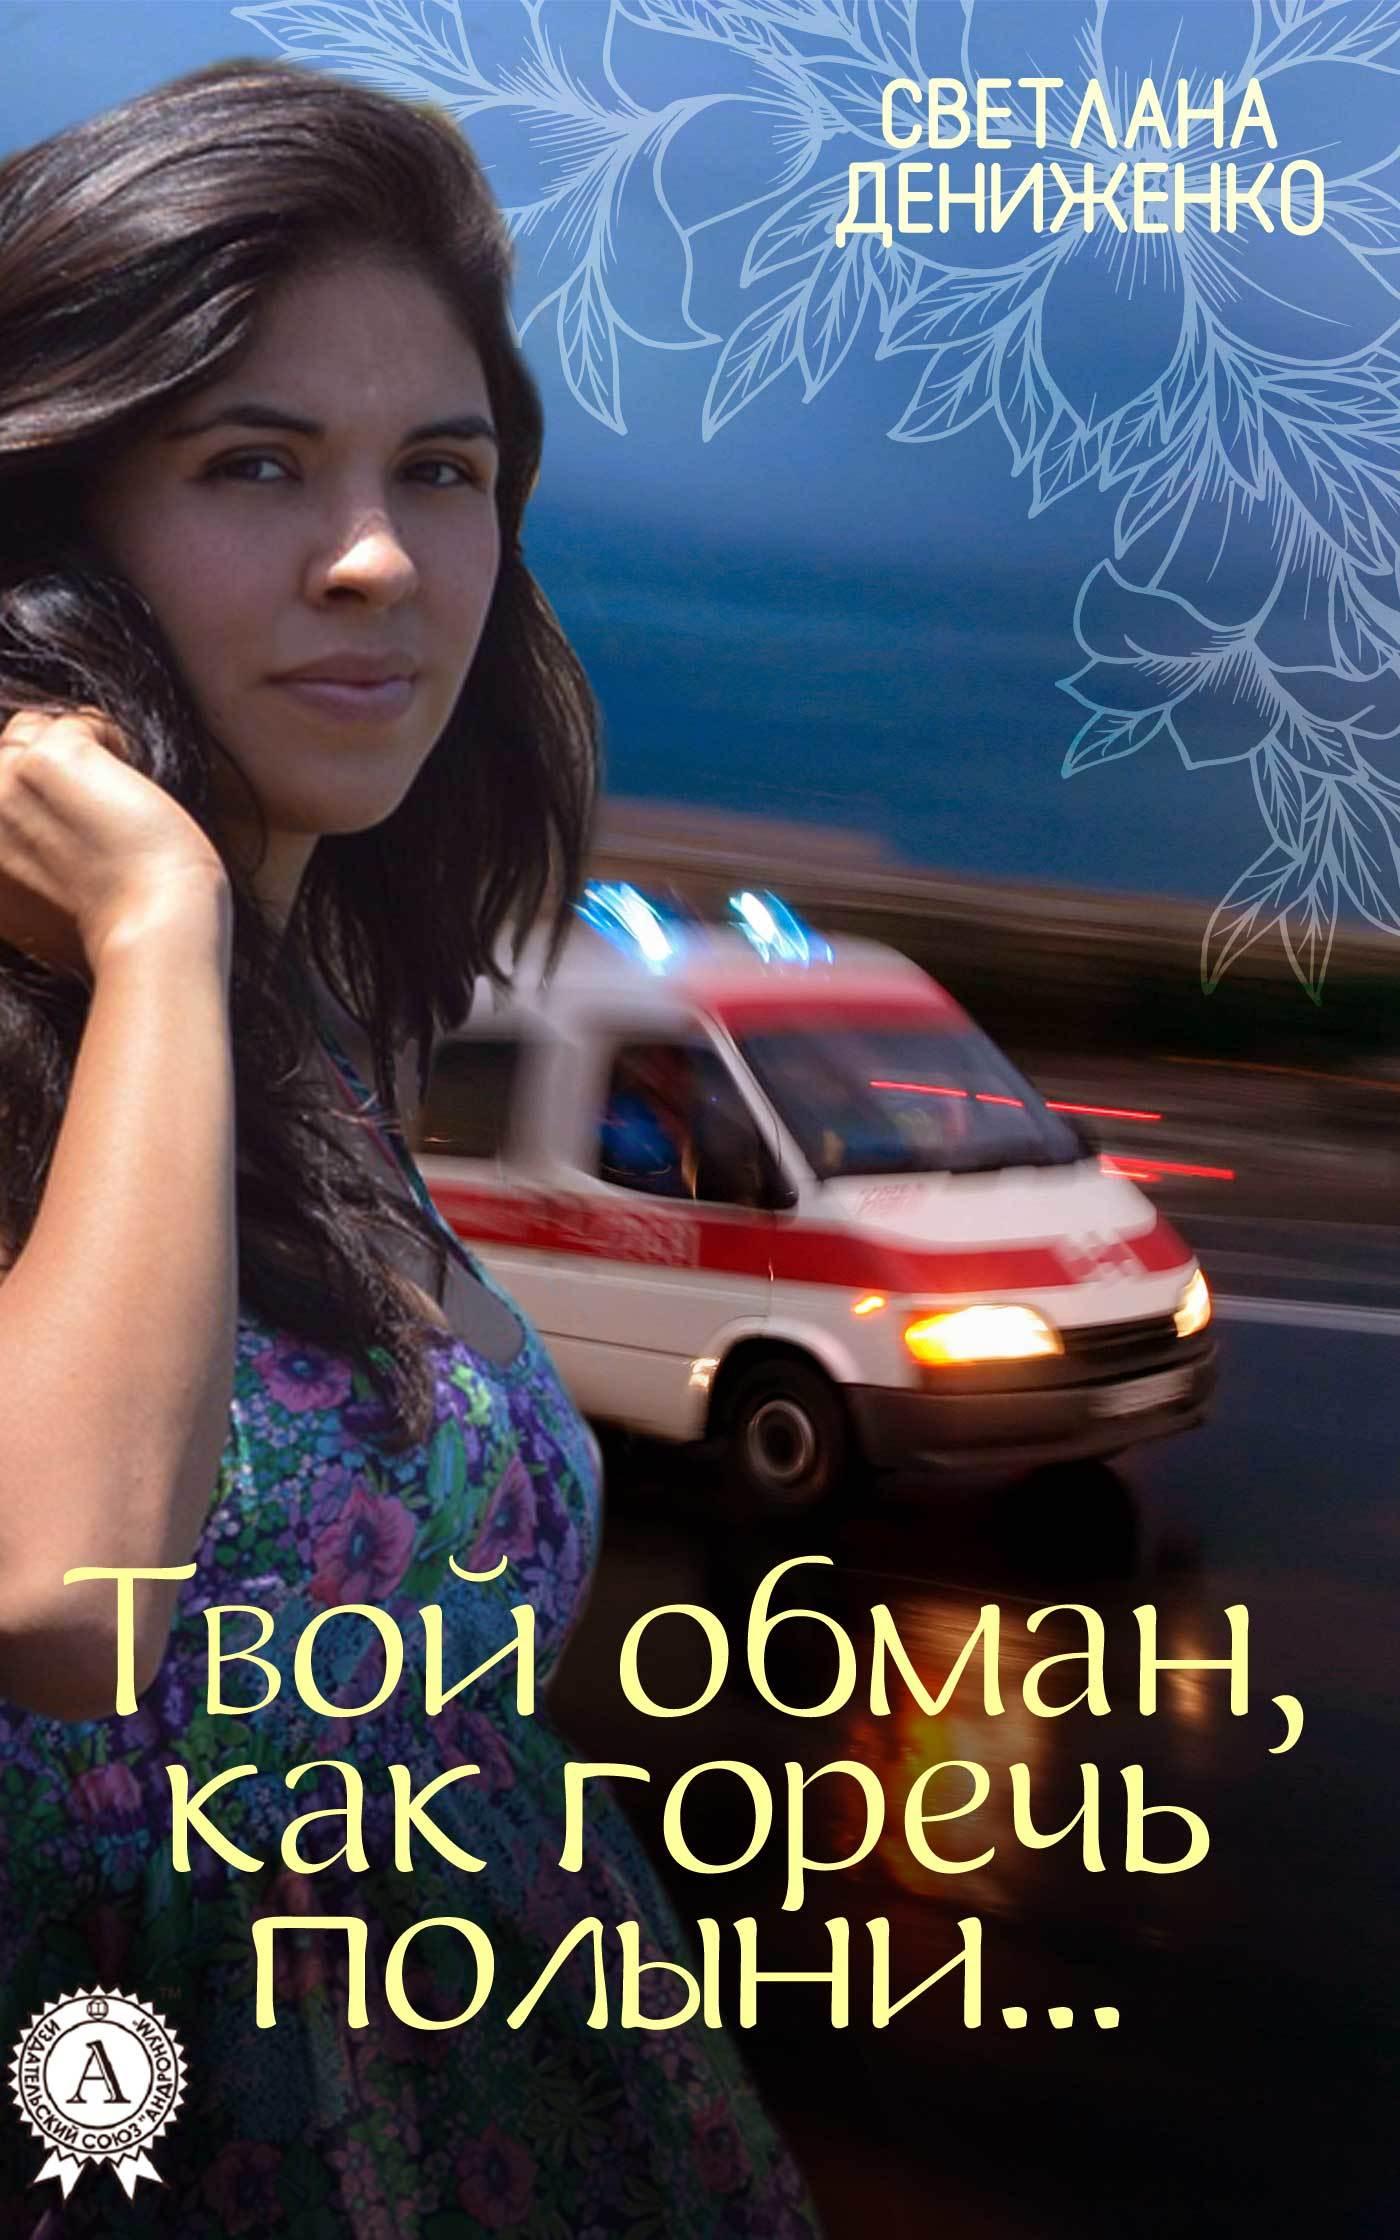 Книга притягивает взоры 21/98/98/21989880.bin.dir/21989880.cover.jpg обложка